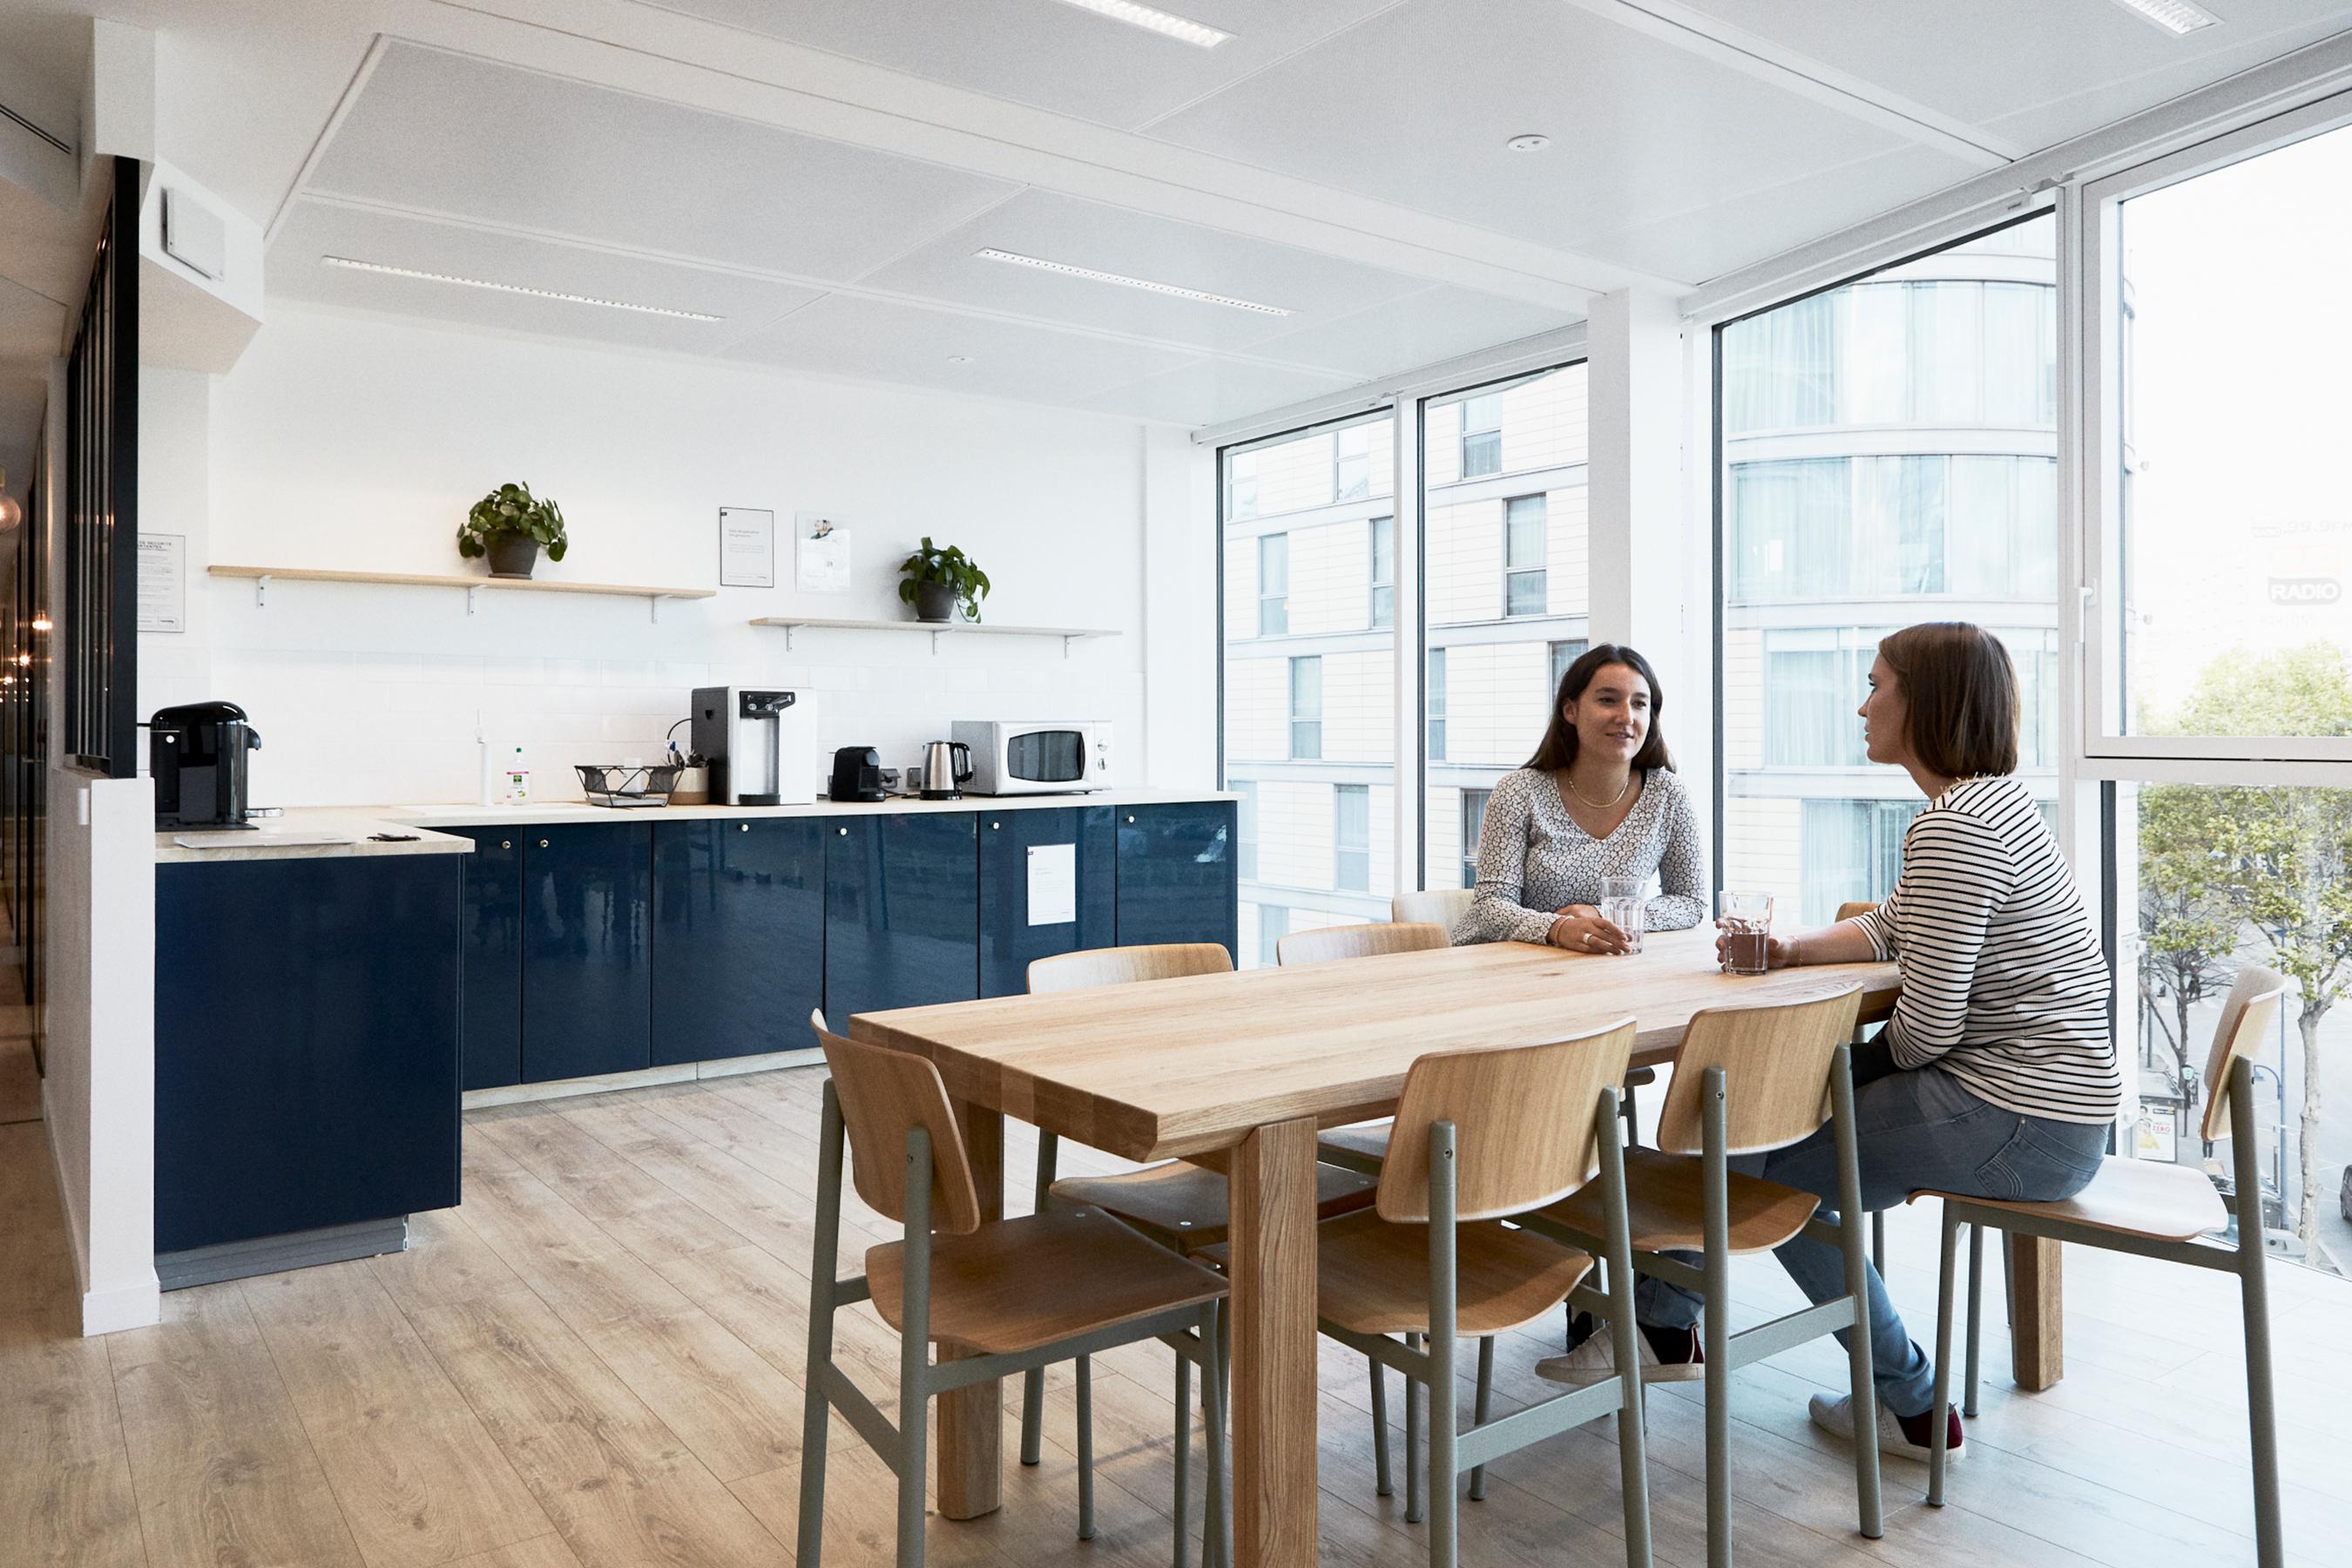 Aménagement espace bureau - cuisine aménagée avec table à manger